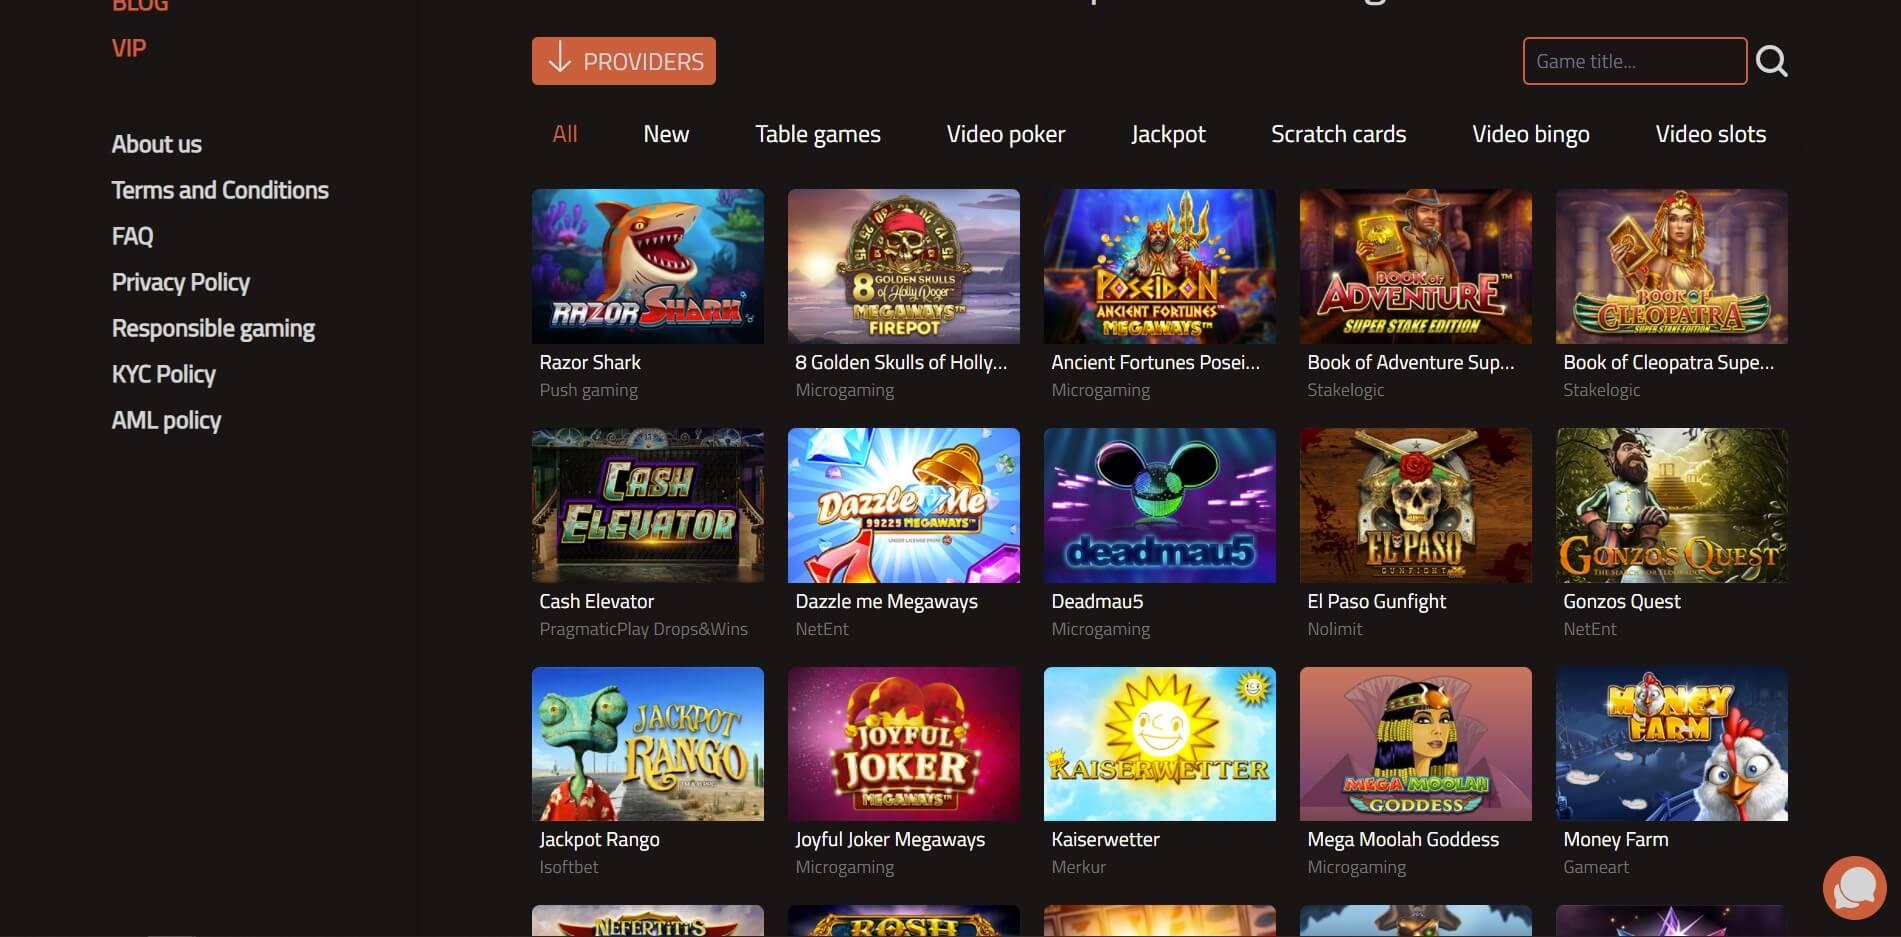 Games at 777Bay Casino